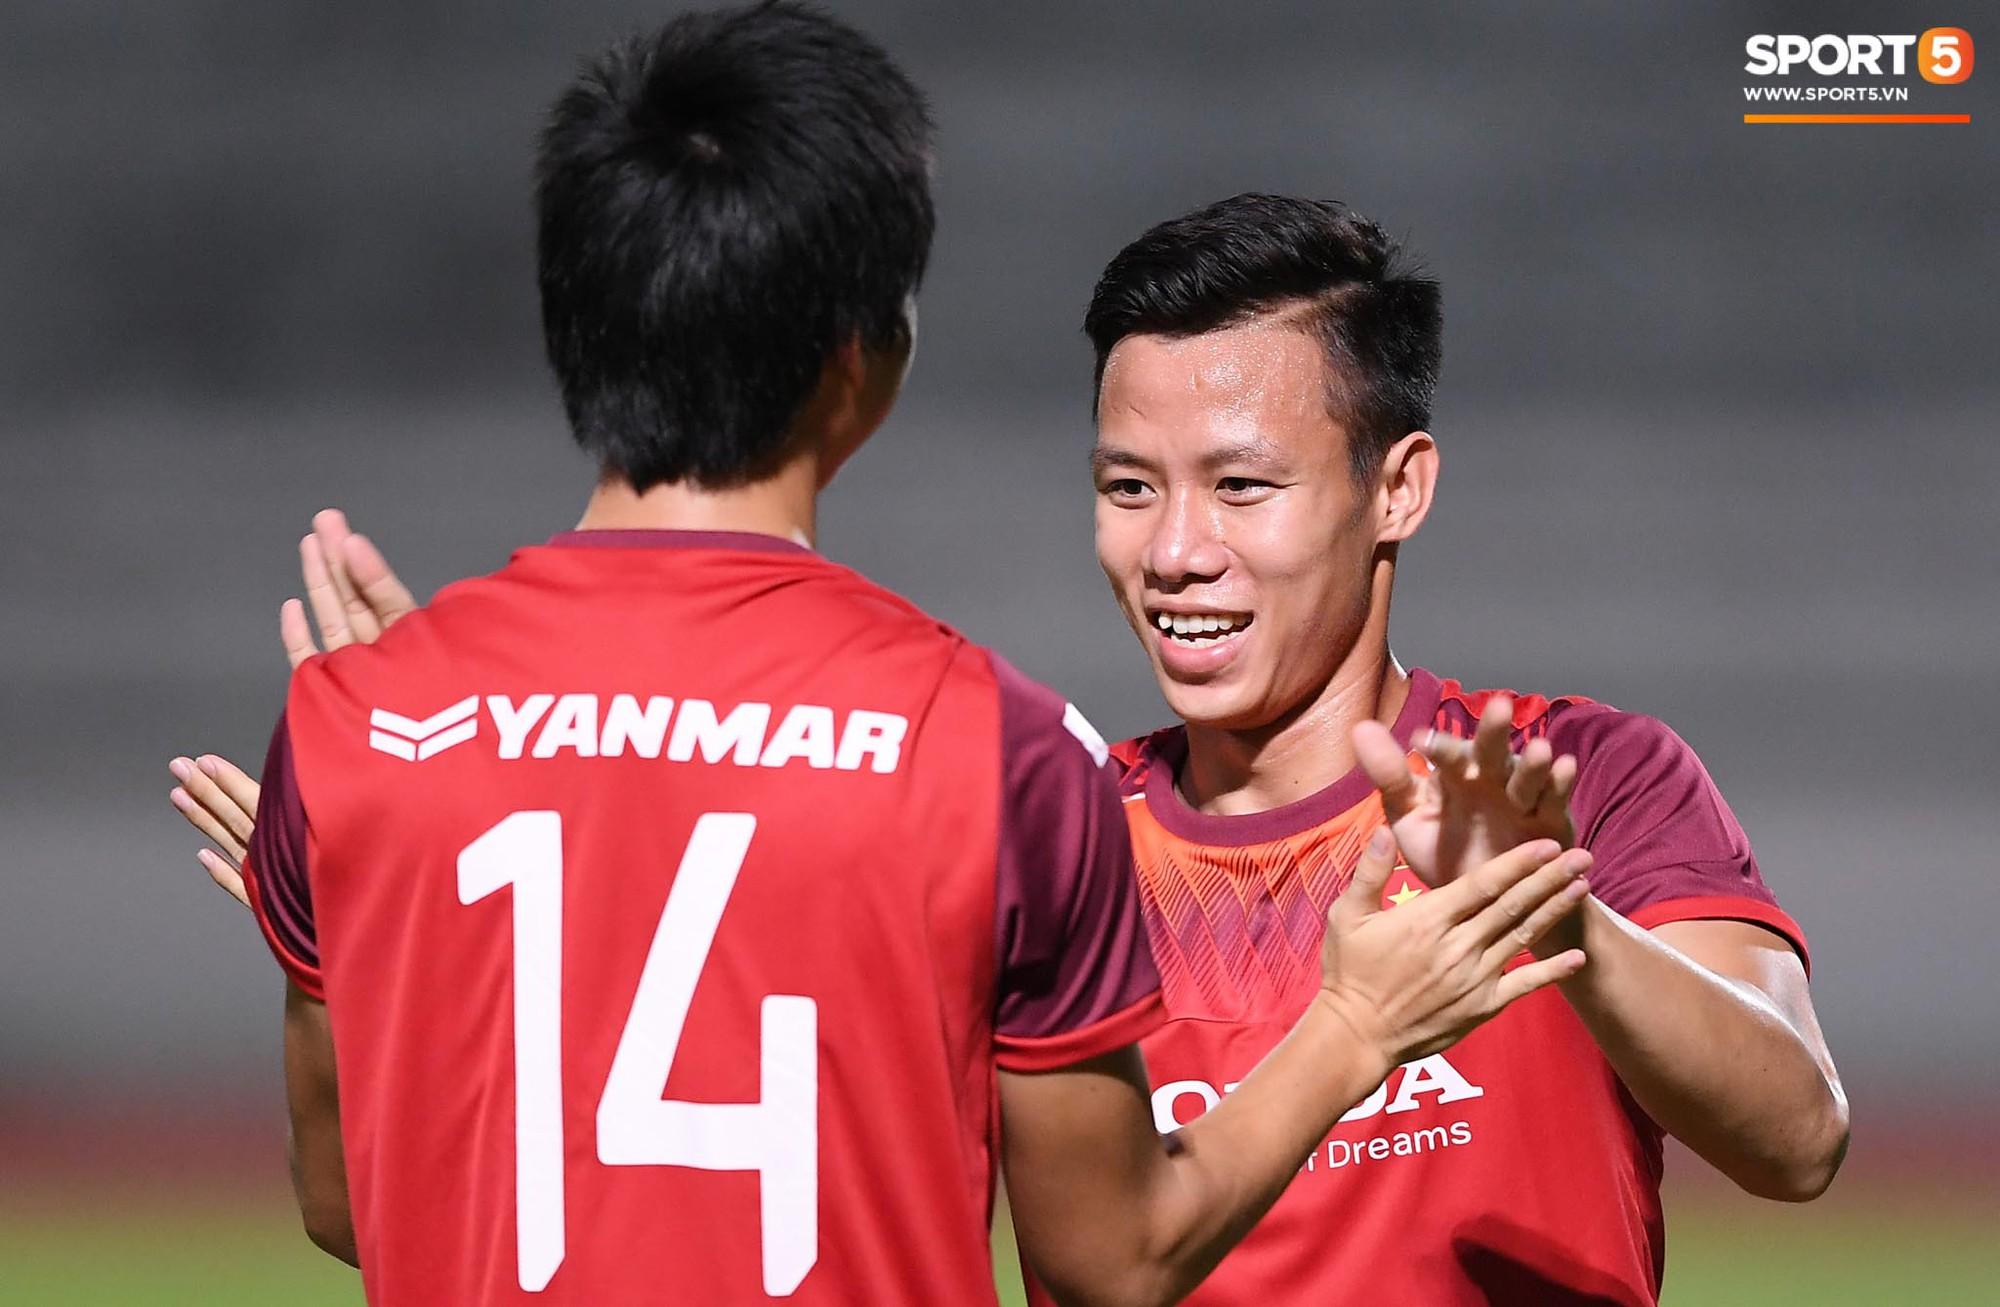 Xuân Trường táng Đức Huy không trượt phát nào trong buổi tập trước trận gặp Thái Lan - Ảnh 4.